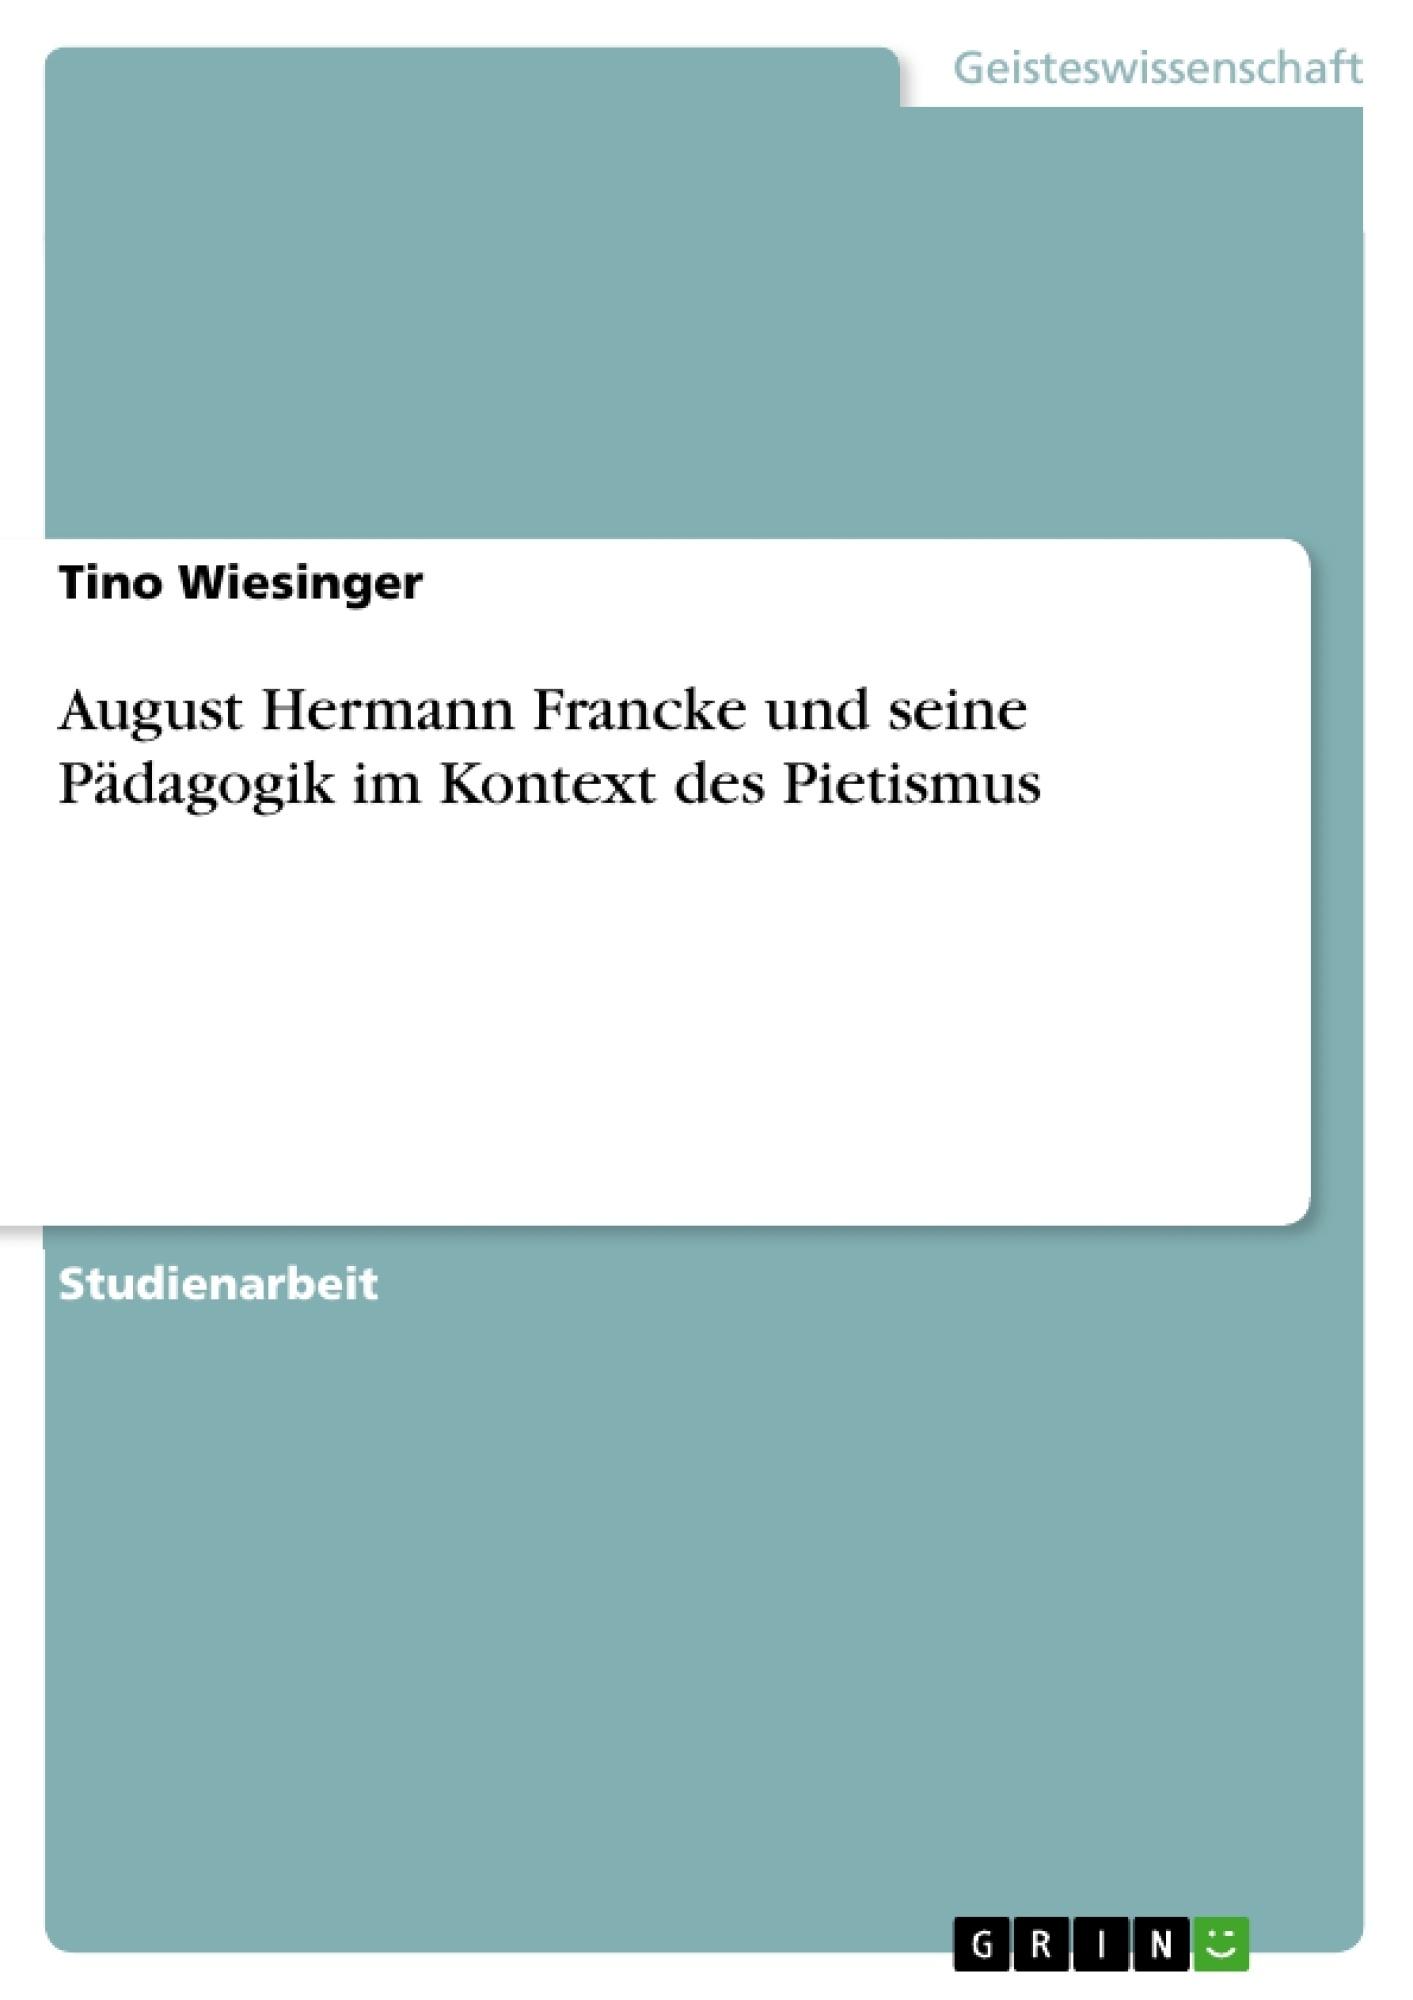 Titel: August Hermann Francke und seine Pädagogik im Kontext des Pietismus